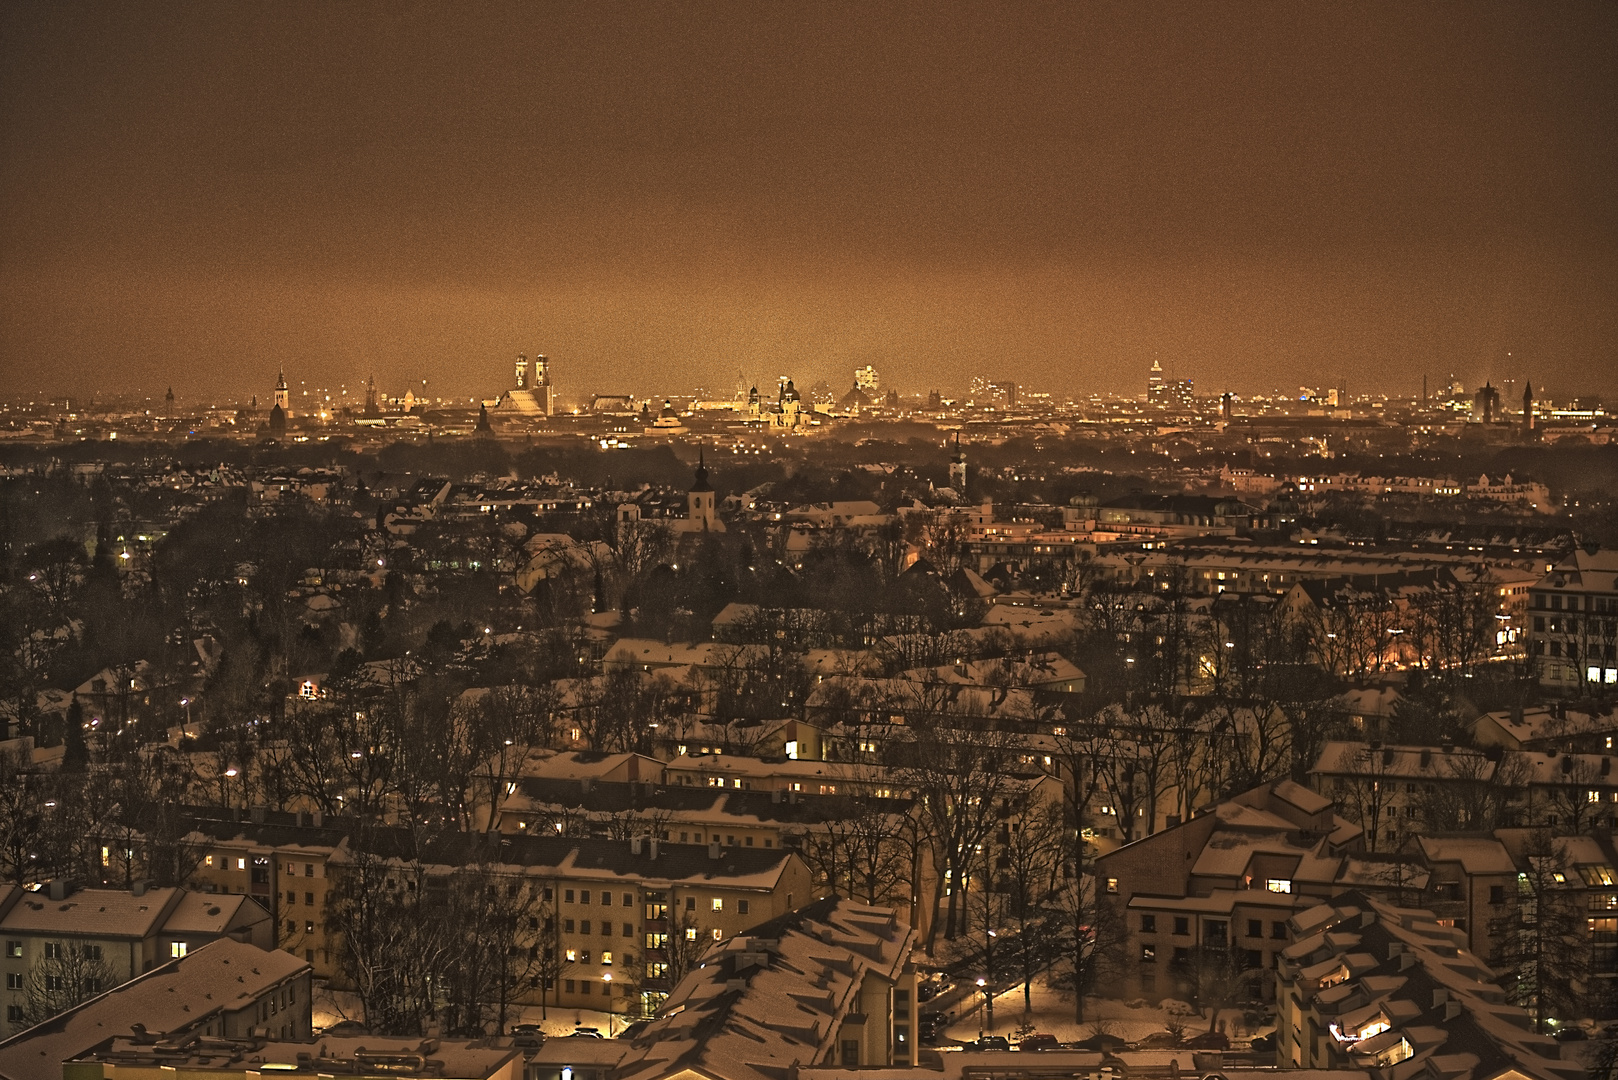 München Nacht 1